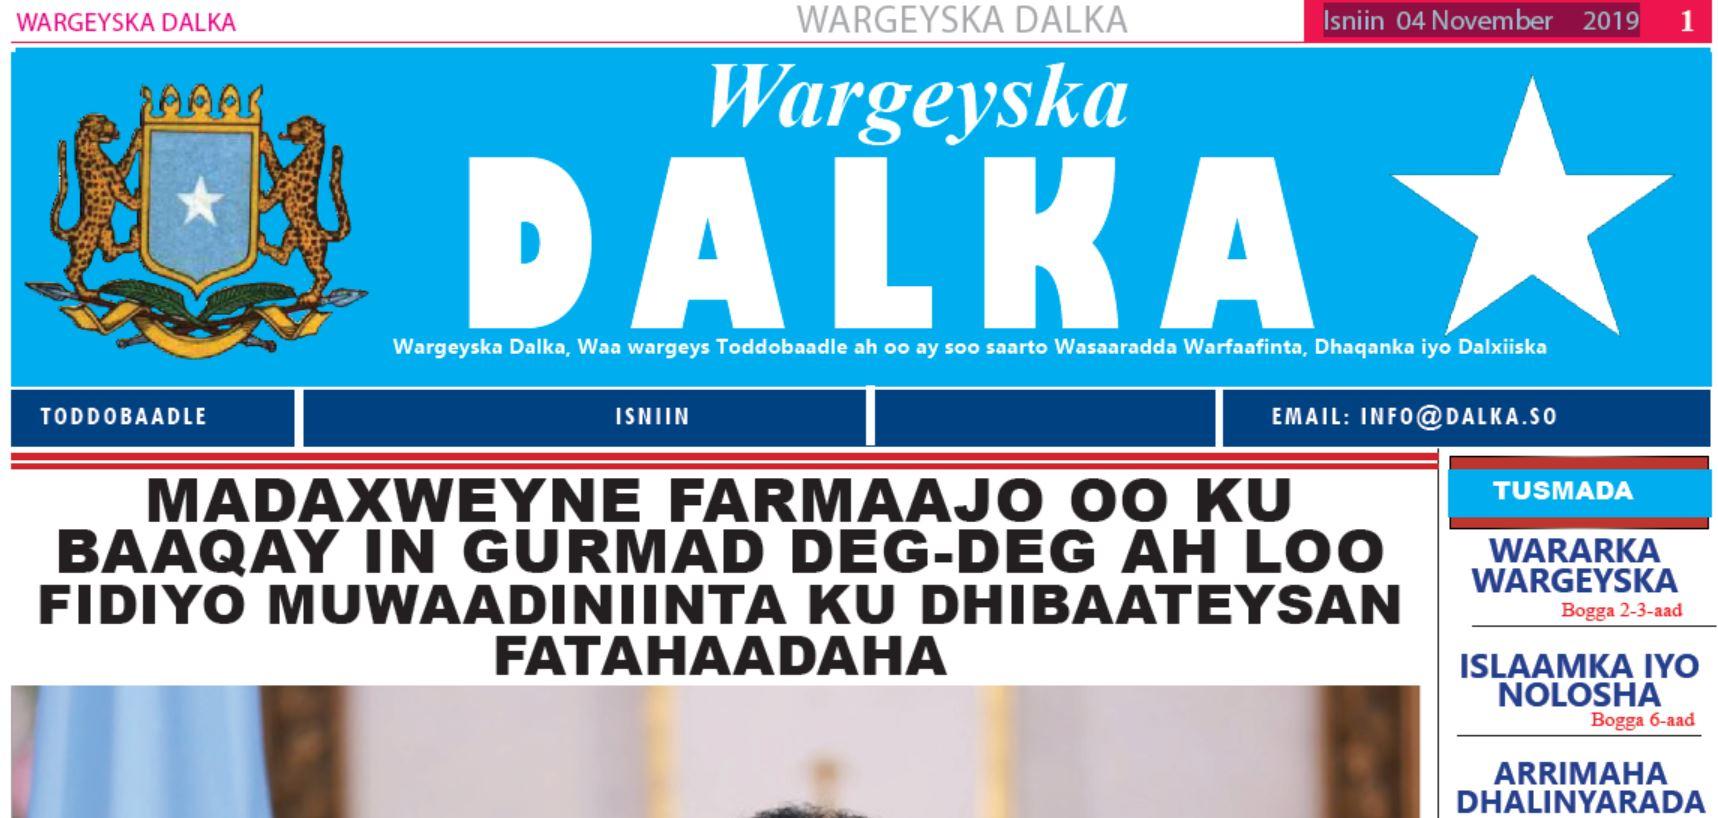 Wargeyska Dalka Isniin 04 November 2019